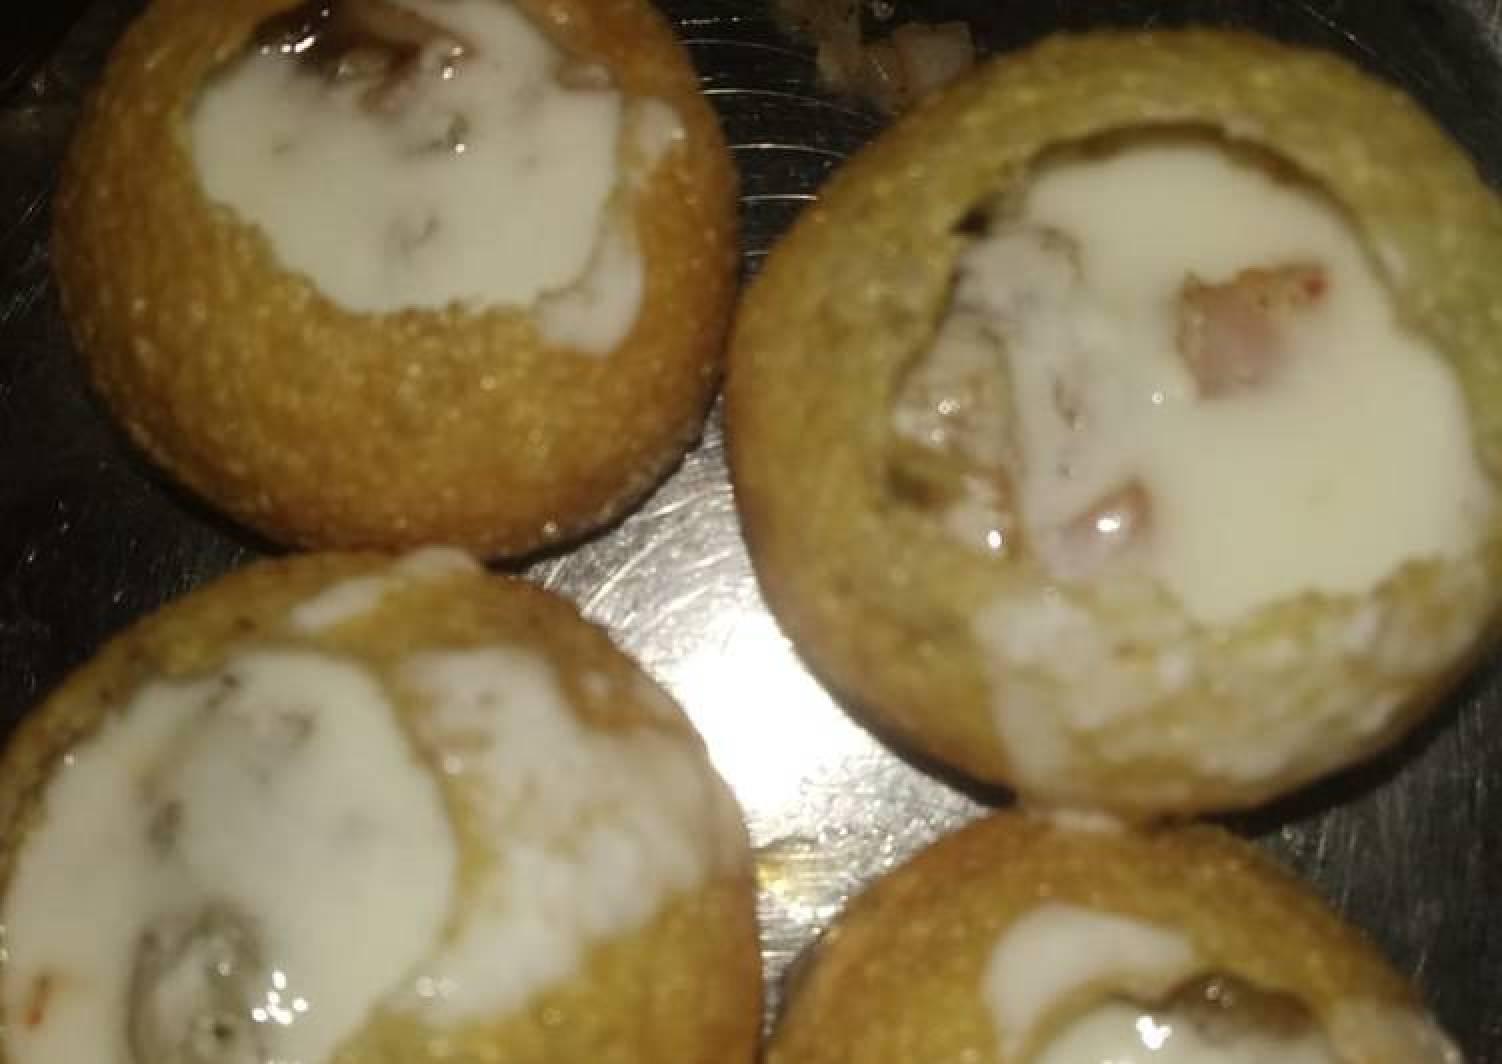 Curd masala balls